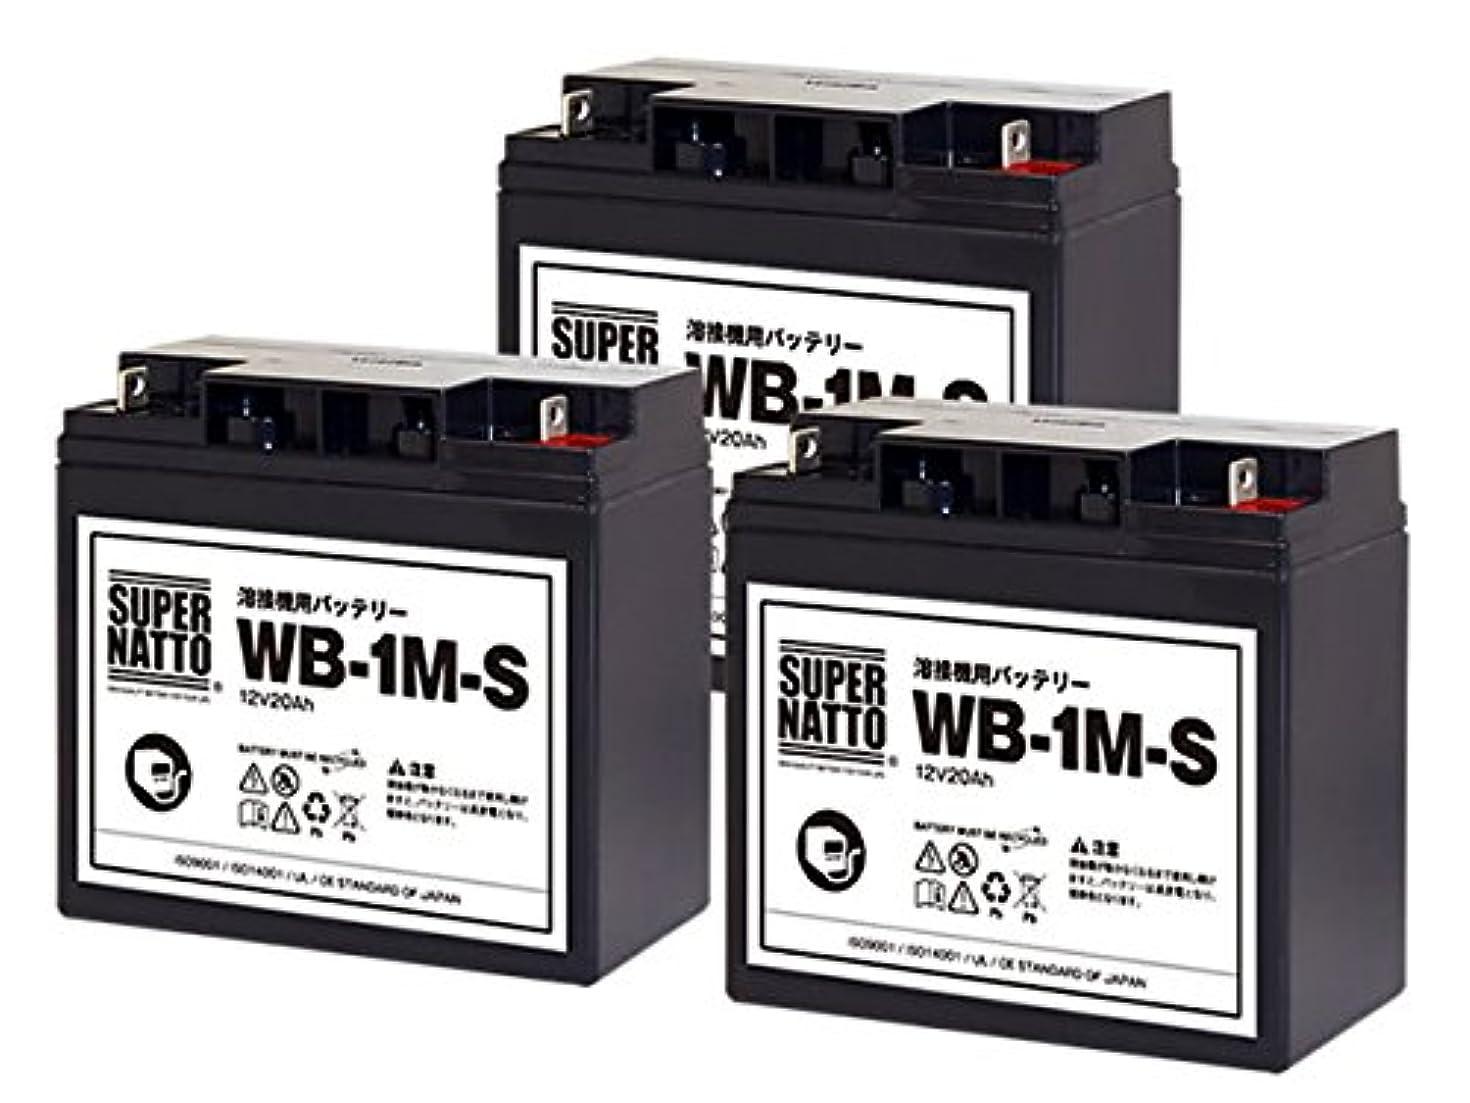 ハム飢批判スーパーナット 溶接機用バッテリー WB-1M-S 3個セット■WB-1M互換■マイト工業 ネオライト140 MBW-140-1 ネオライトⅡ140 MBW-140-2用